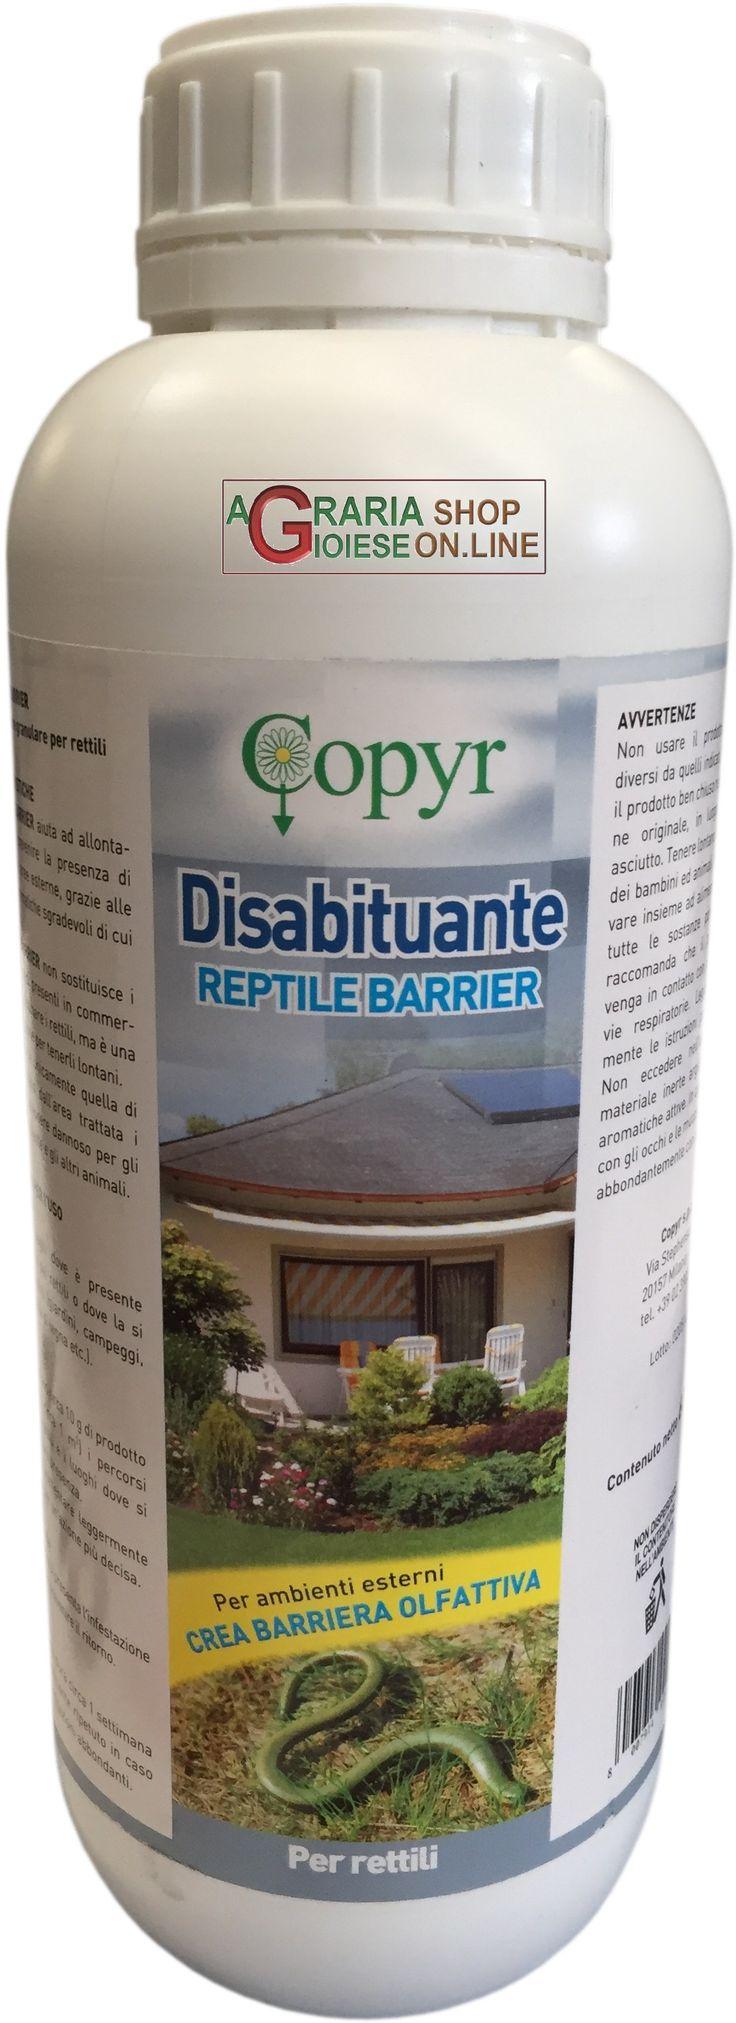 REPELLENTE DISABITUANTE PER RETTILI LT.1 https://www.chiaradecaria.it/it/insetticidi-uso-civile/15349-repellente-disabituante-per-rettili-lt1.html